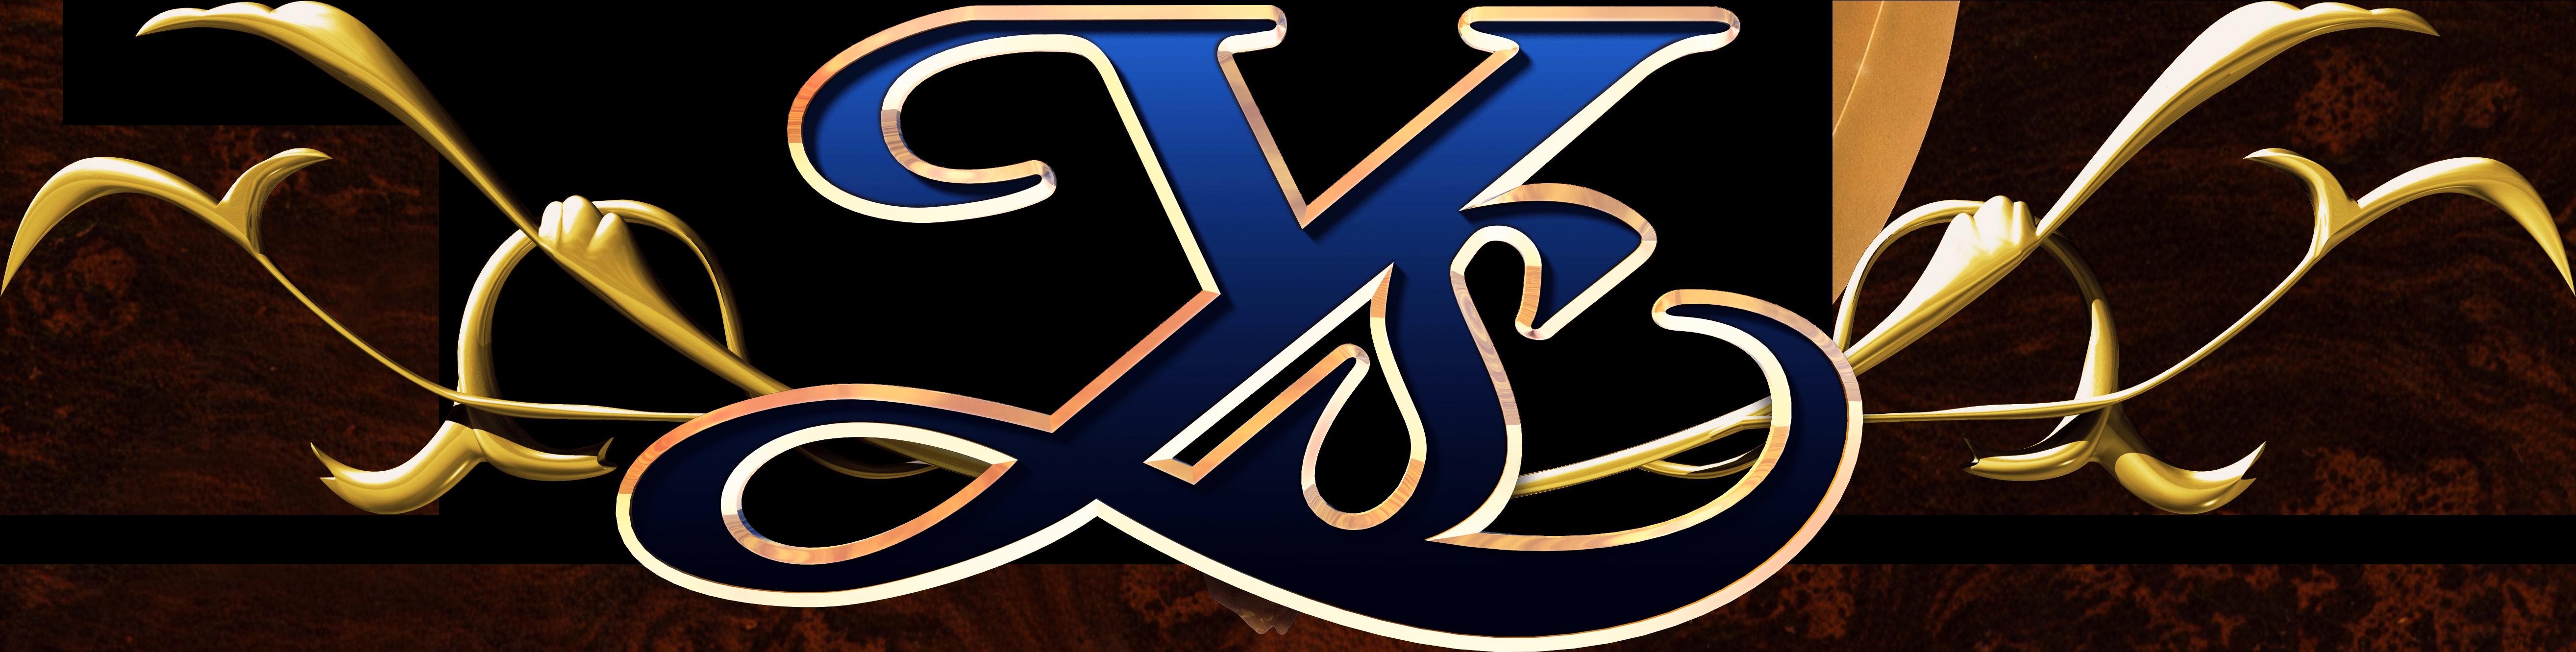 Ys (series)